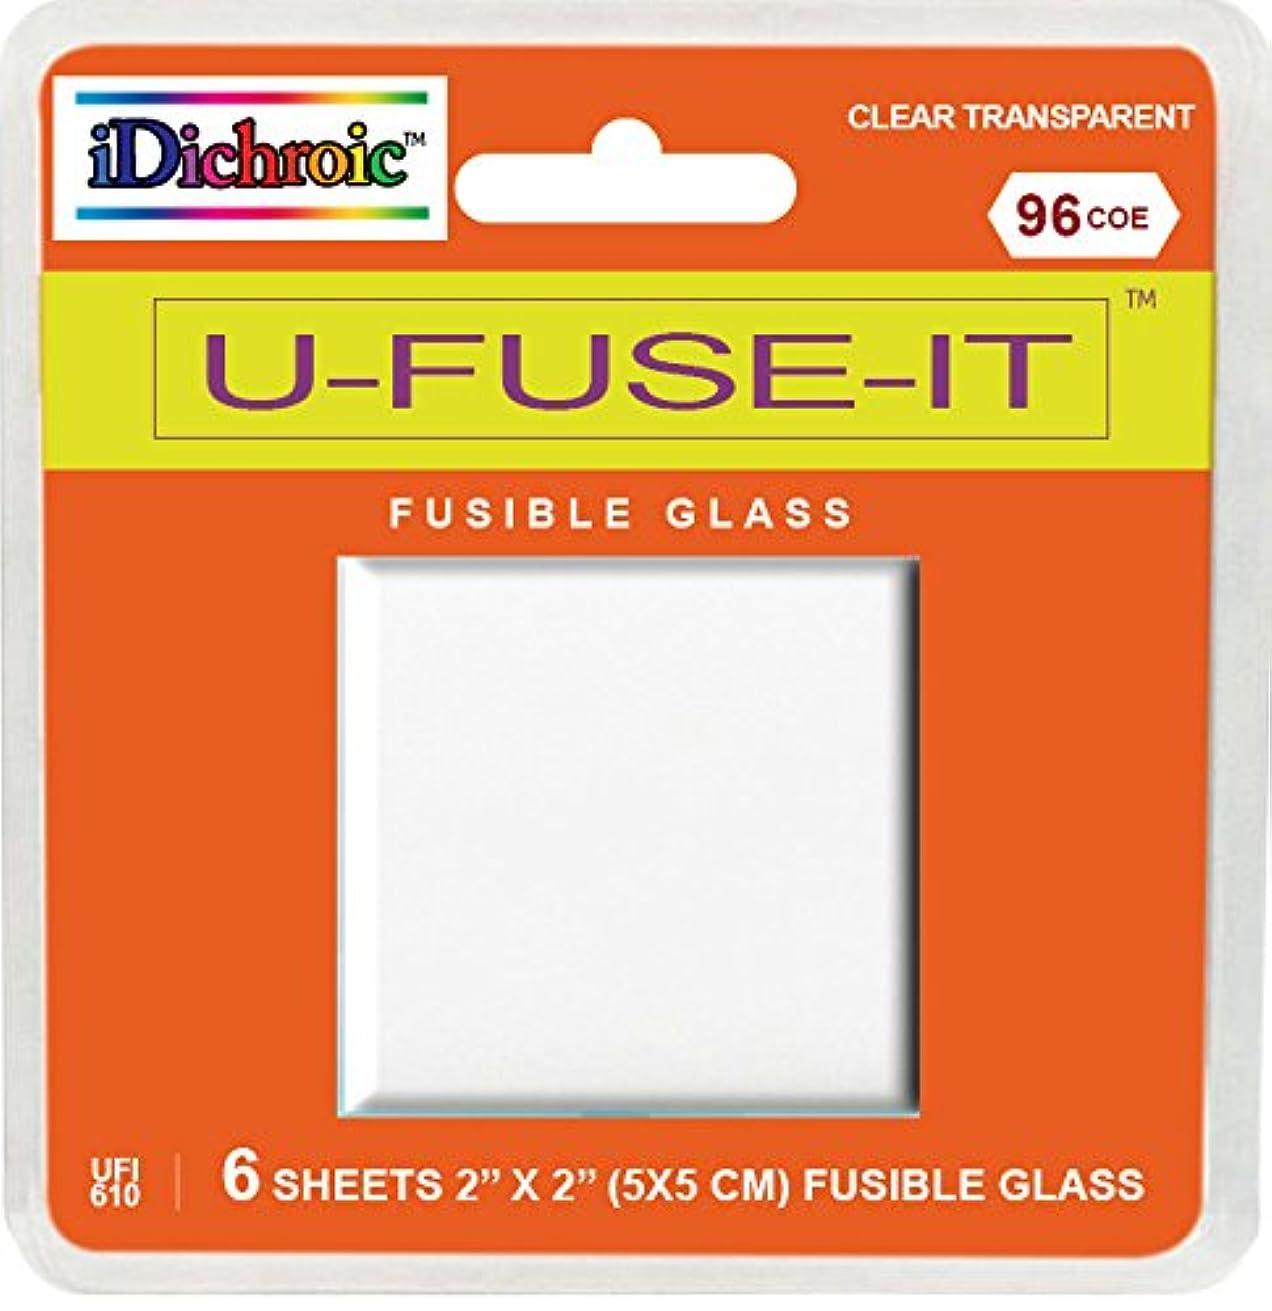 On Sale, U-FUSE-IT Transparent 96 COE 2